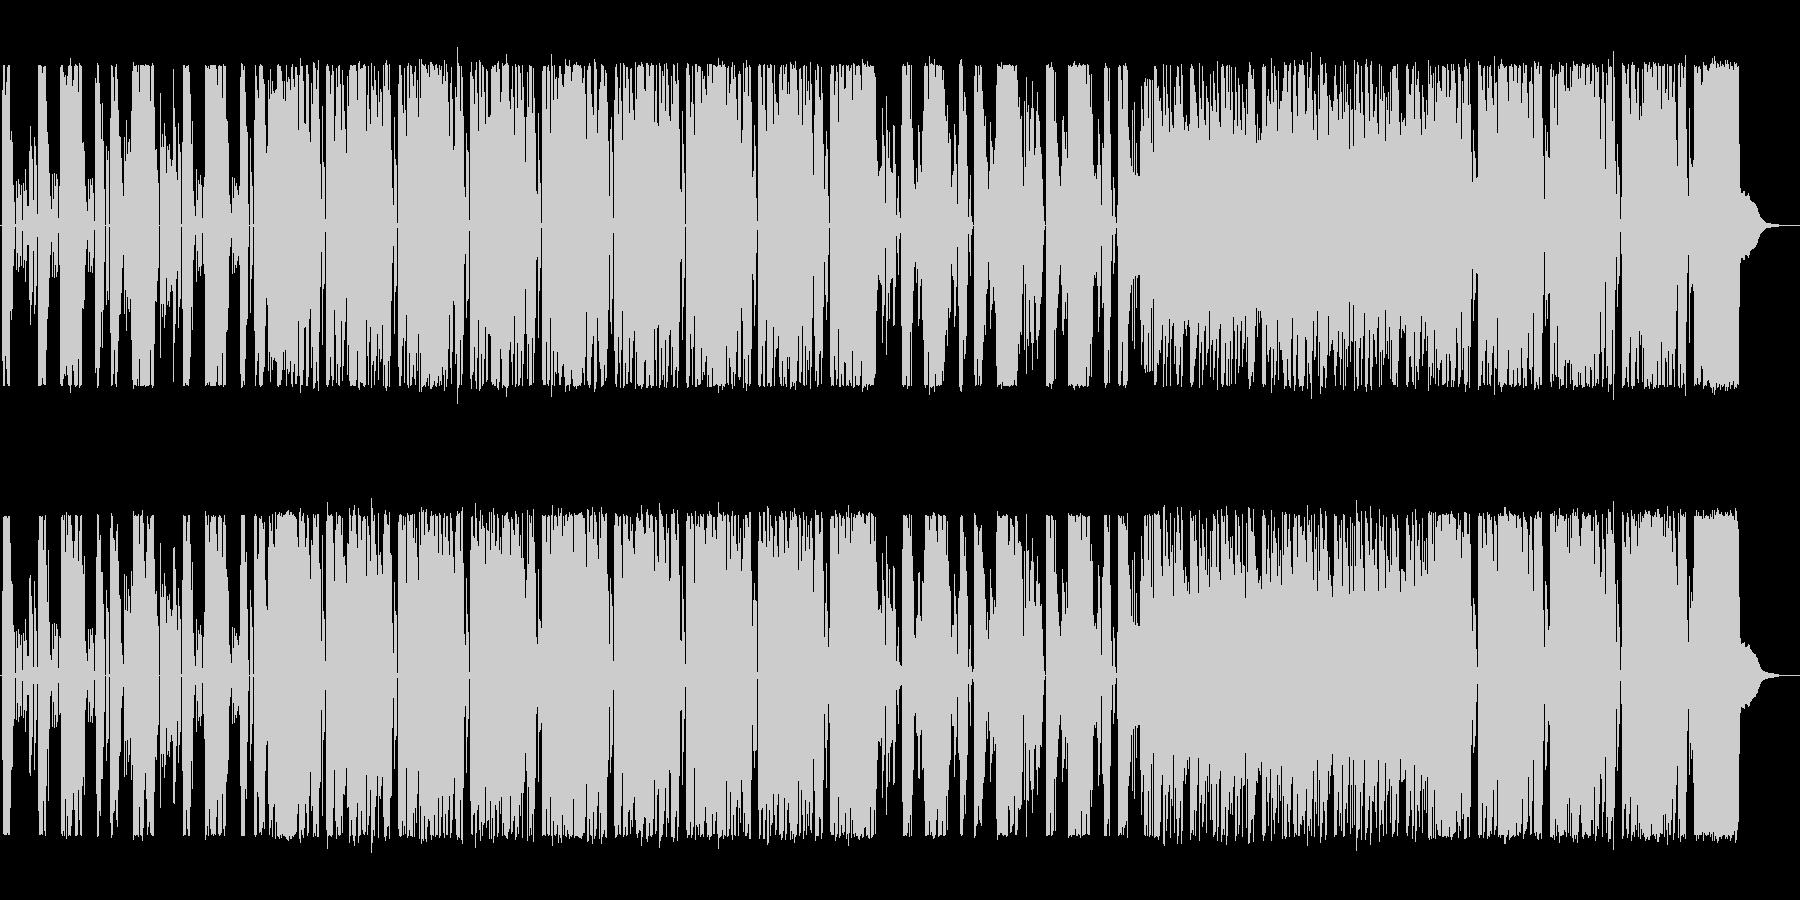 ロックのテクニック満載のサウンドの未再生の波形